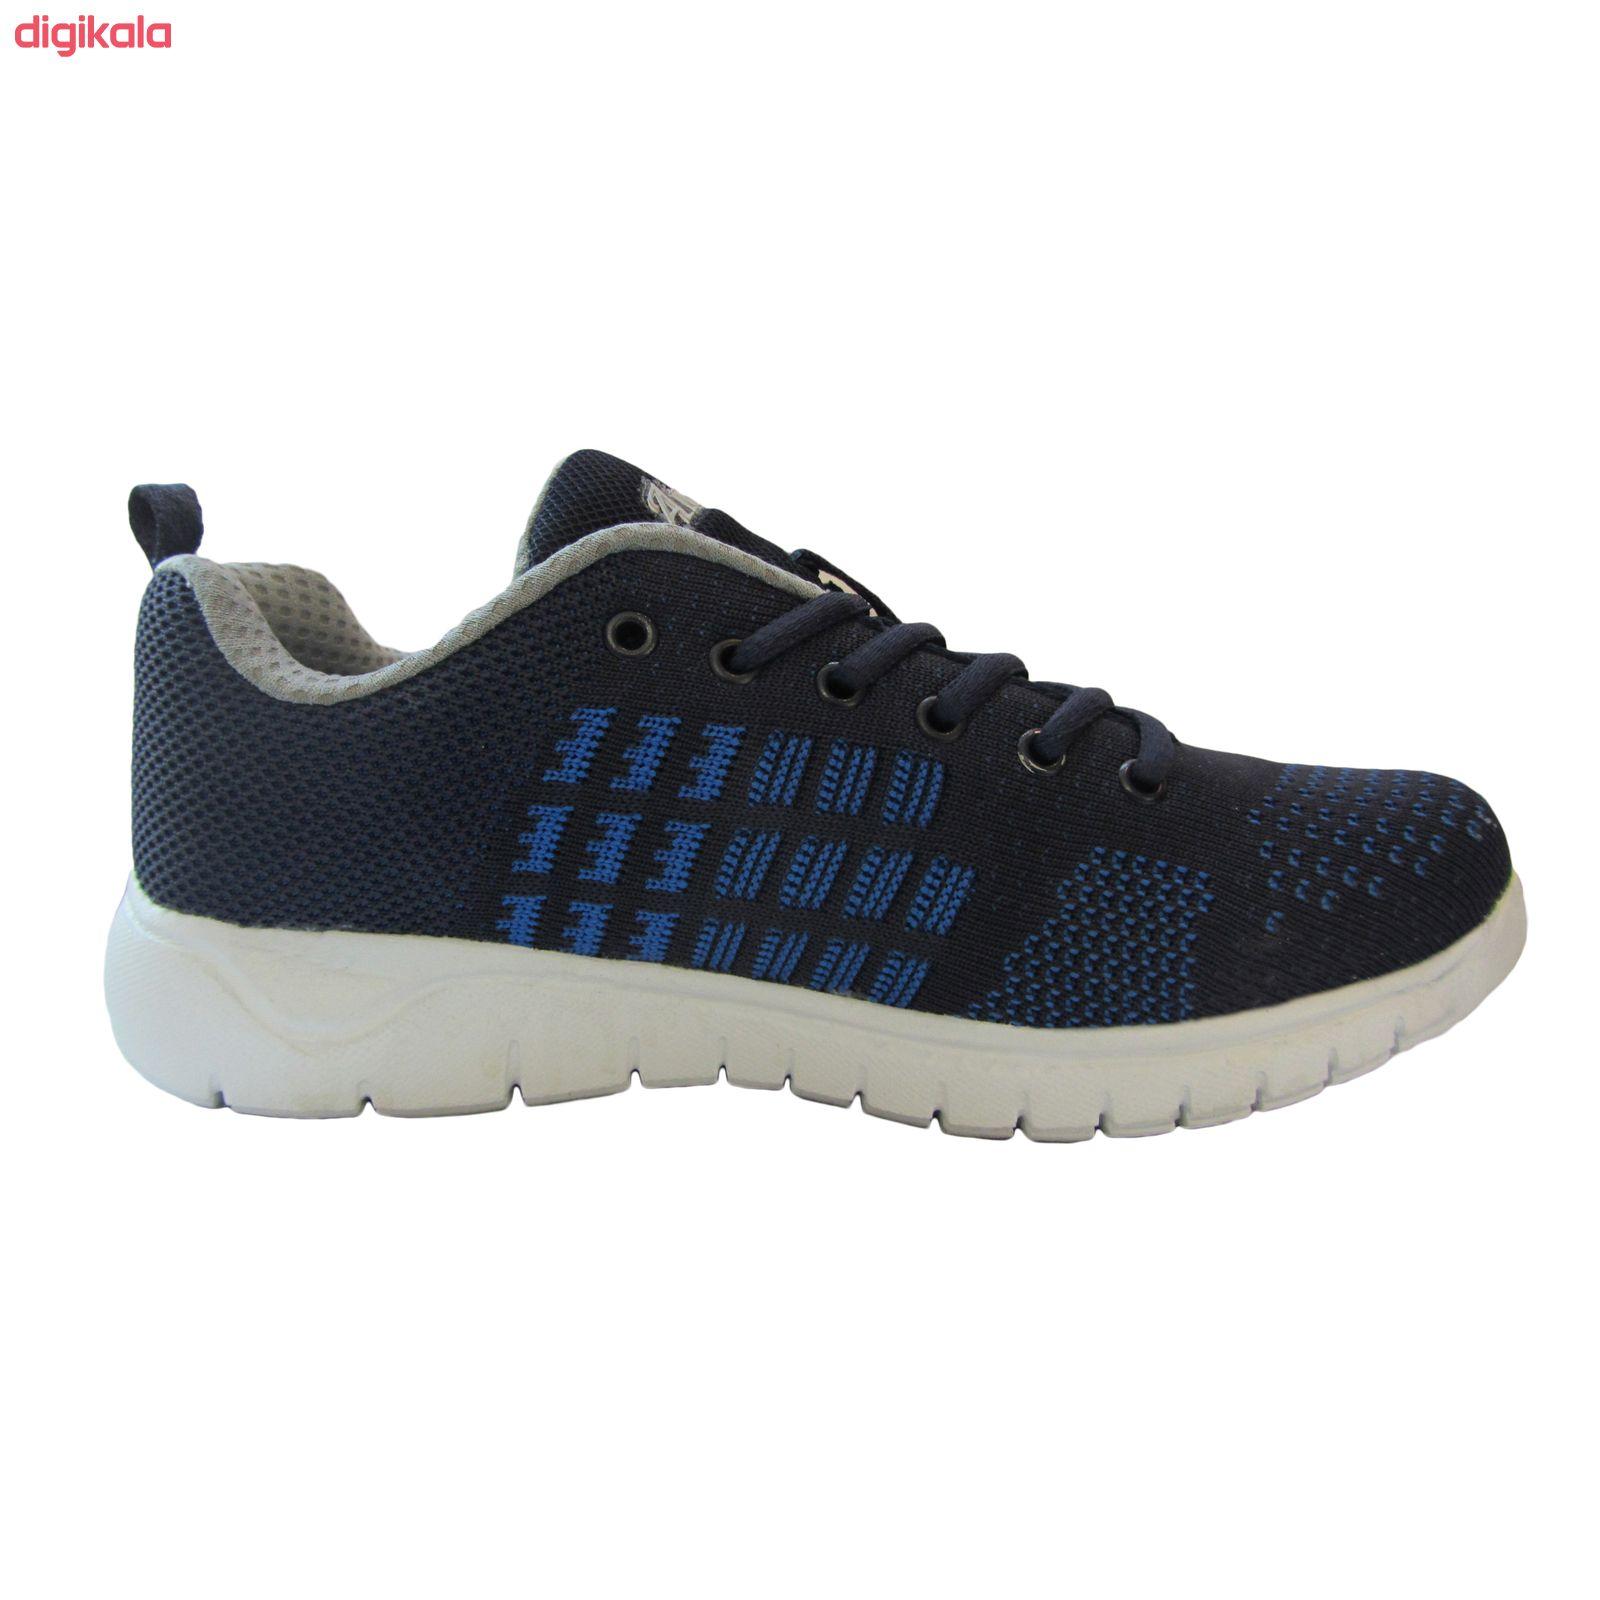 کفش مخصوص پیاده روی زنانه آلبرتینی مدل برلیان کد 02 main 1 2